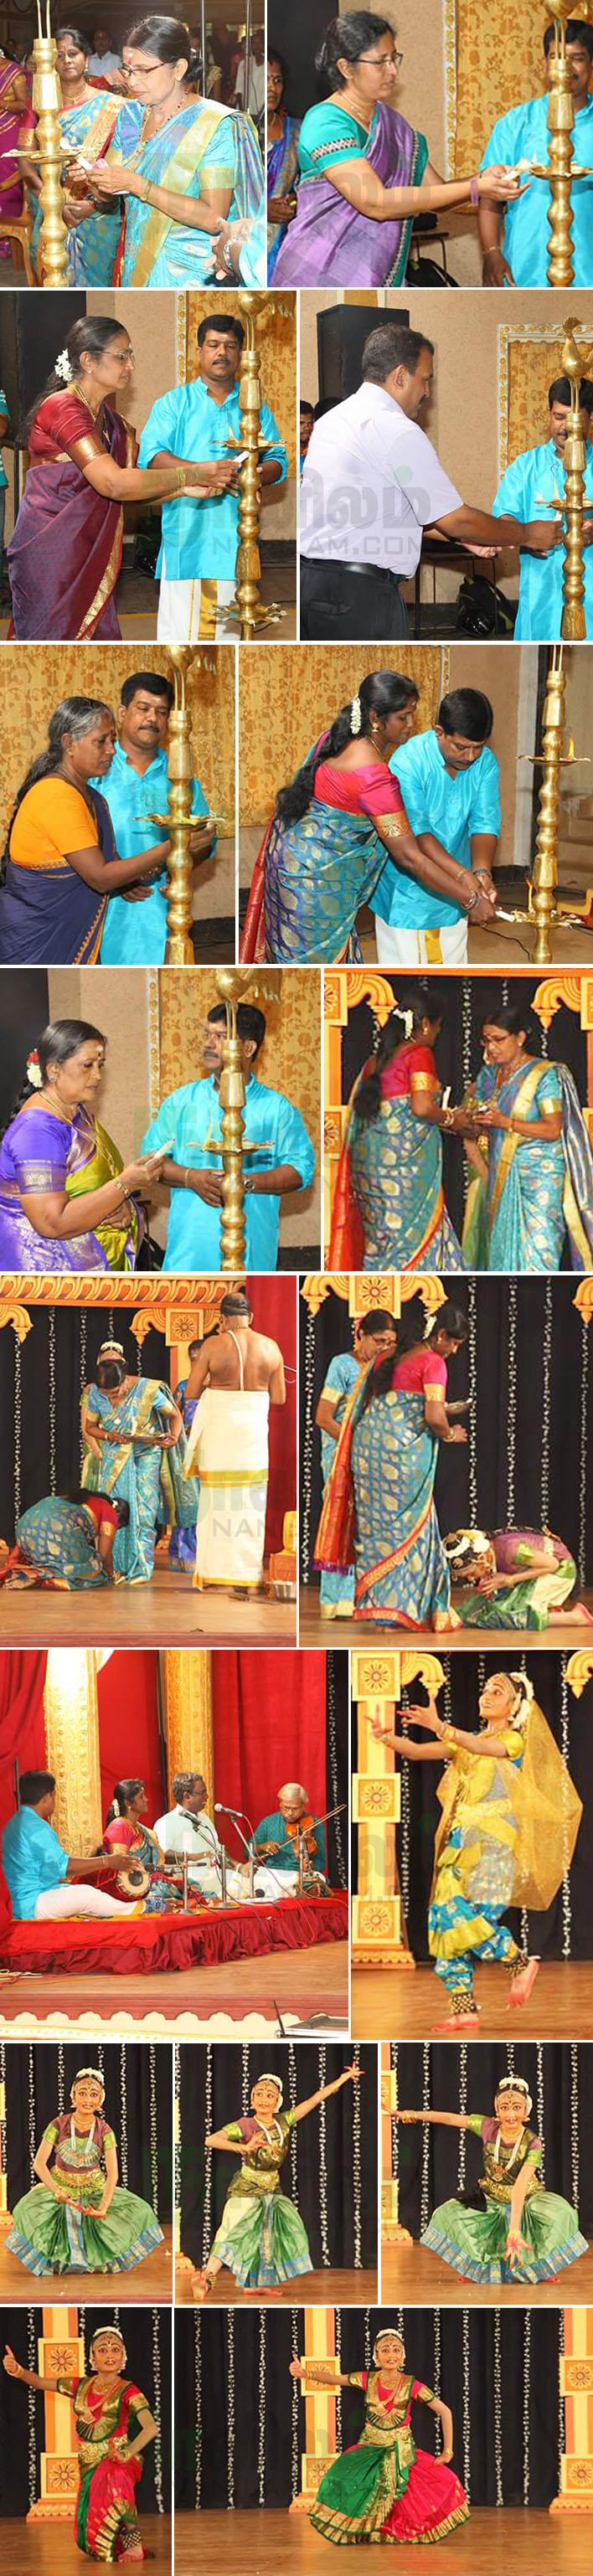 செல்வி தர்ஷனா அனுஷனின் பரதநாட்டிய அரங்கேற்றம் 1